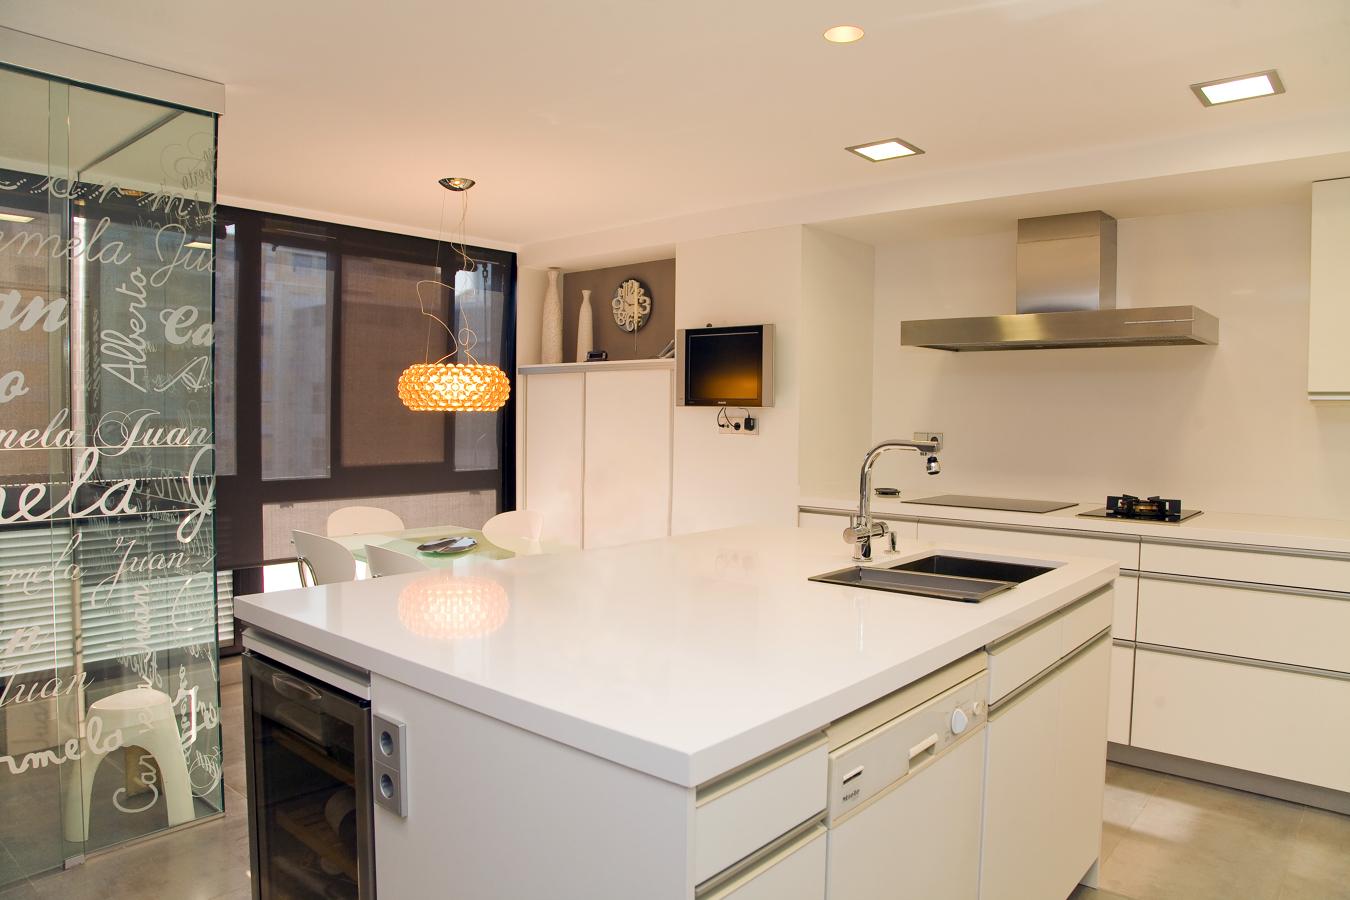 Foto proyecto cocina y lavadero en valencia de de color - Cocinas en valencia ...